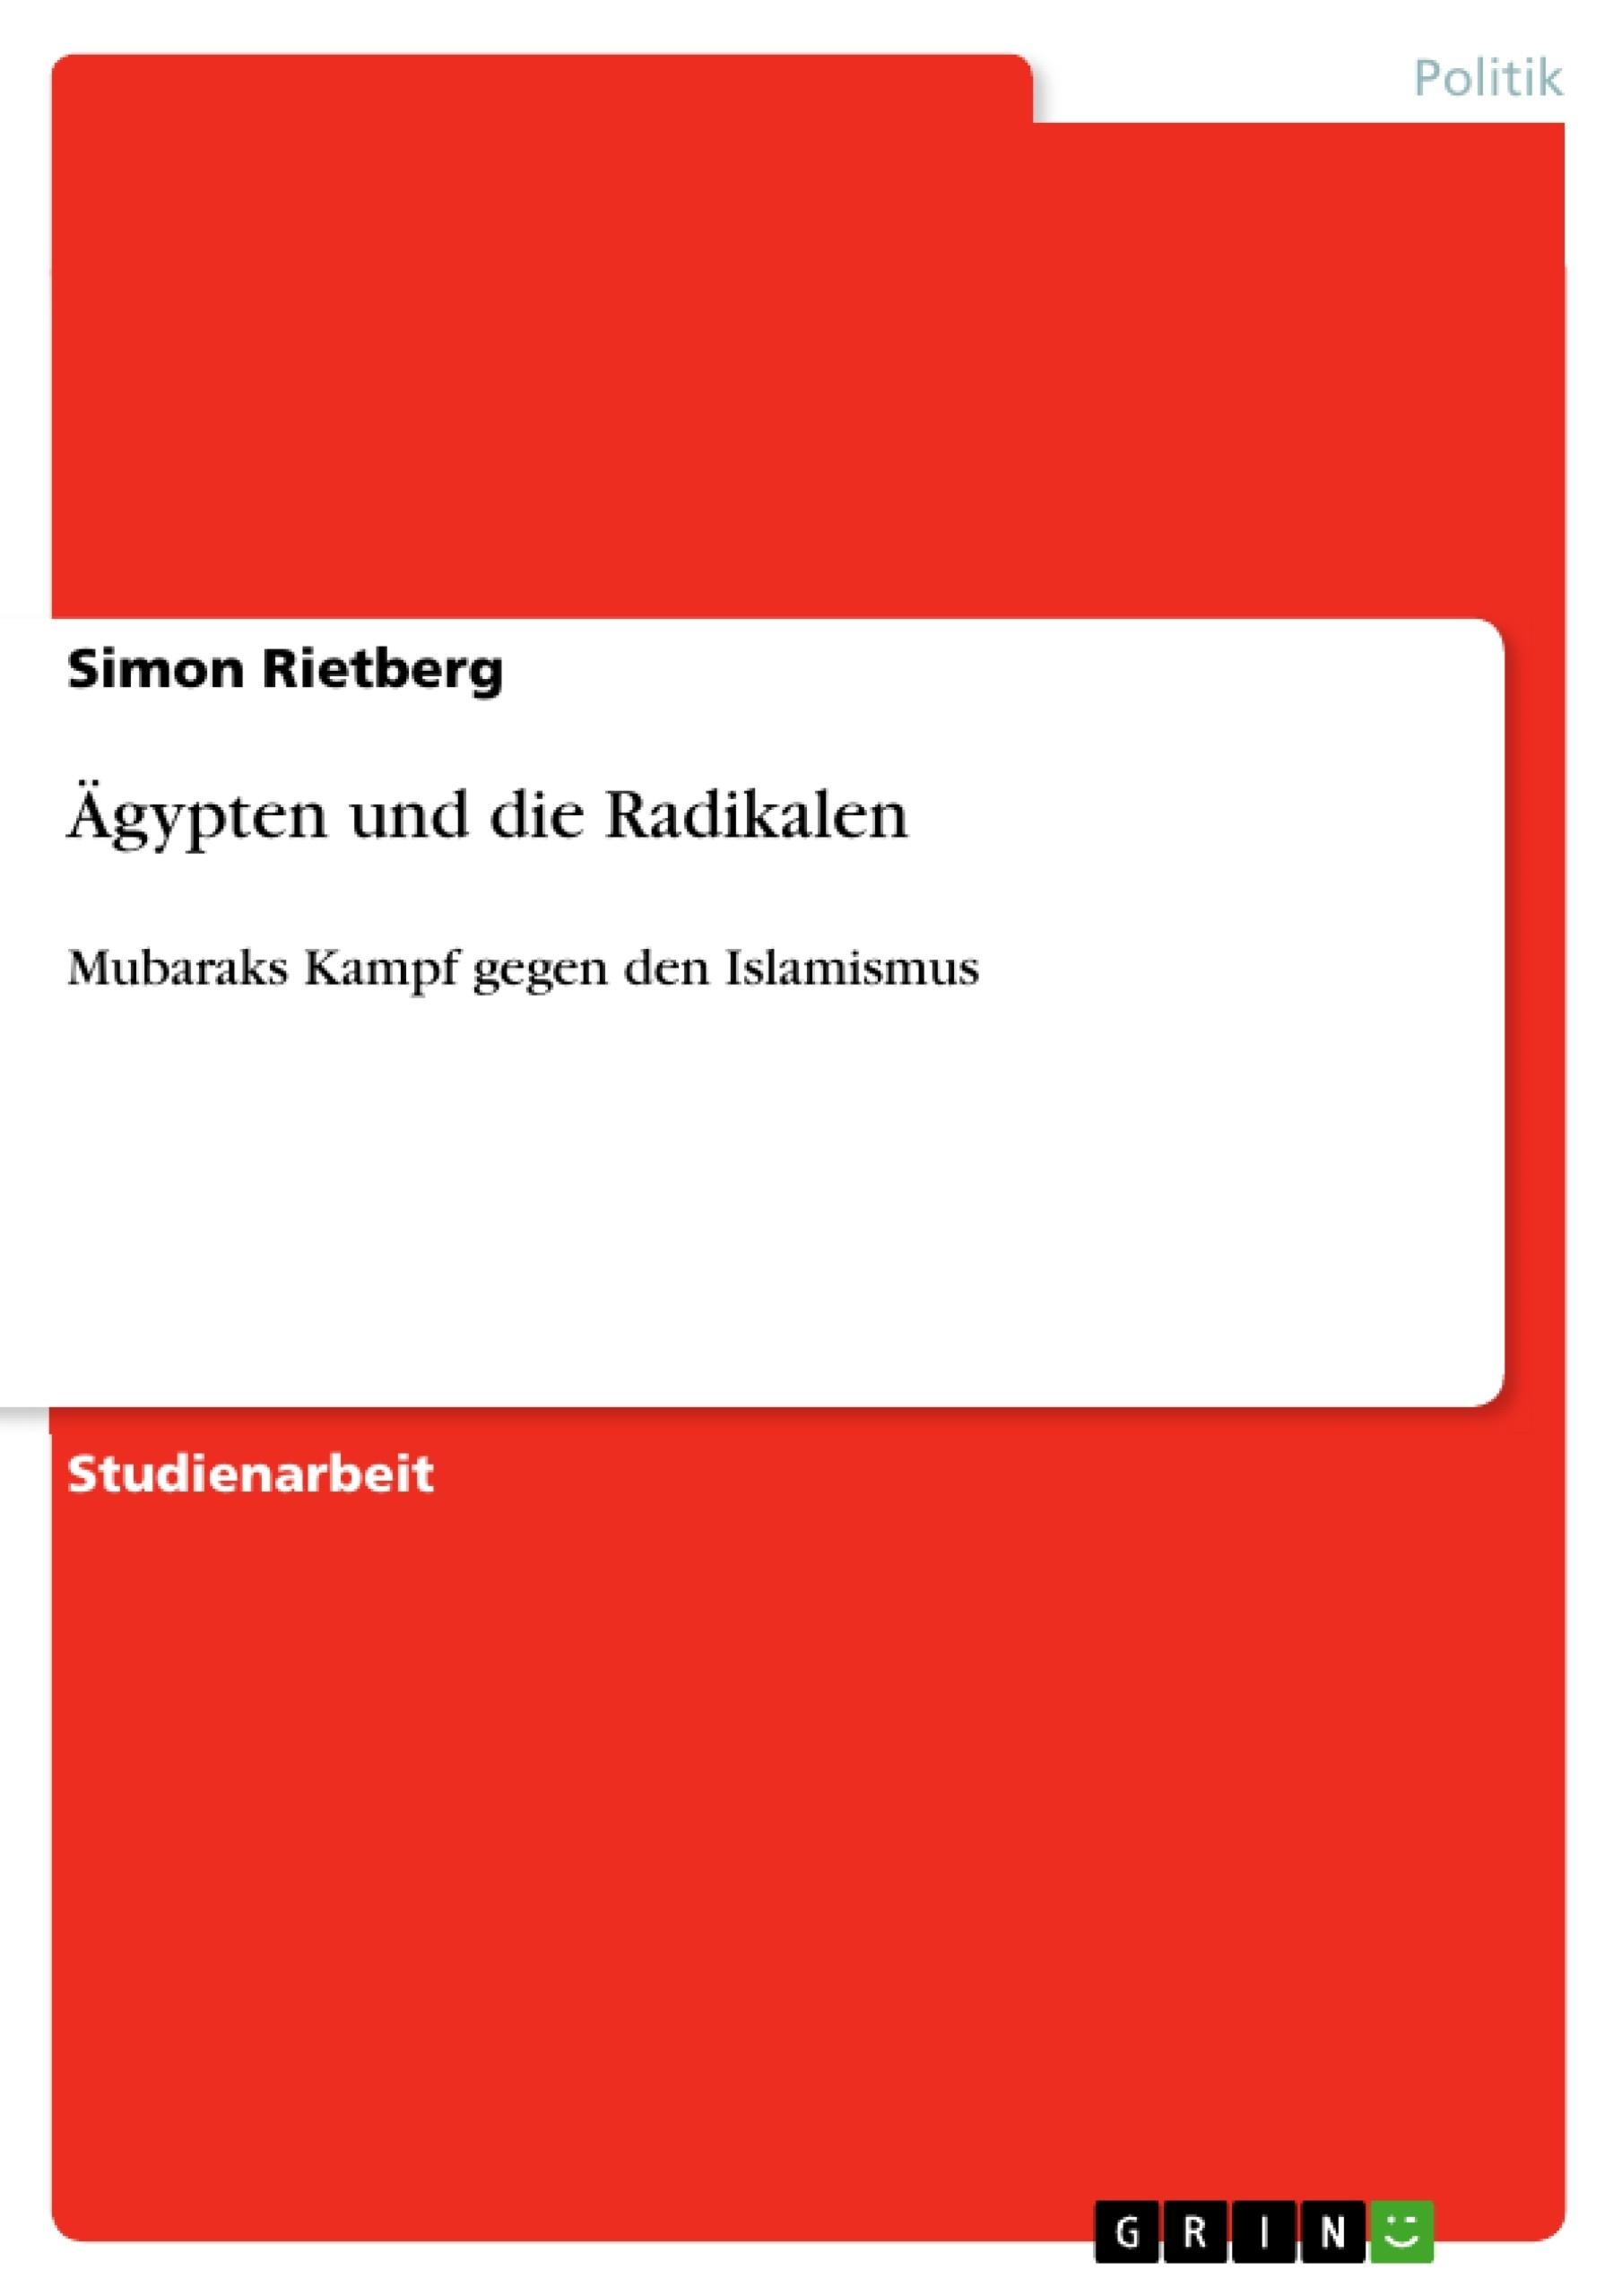 Titel: Ägypten und die Radikalen